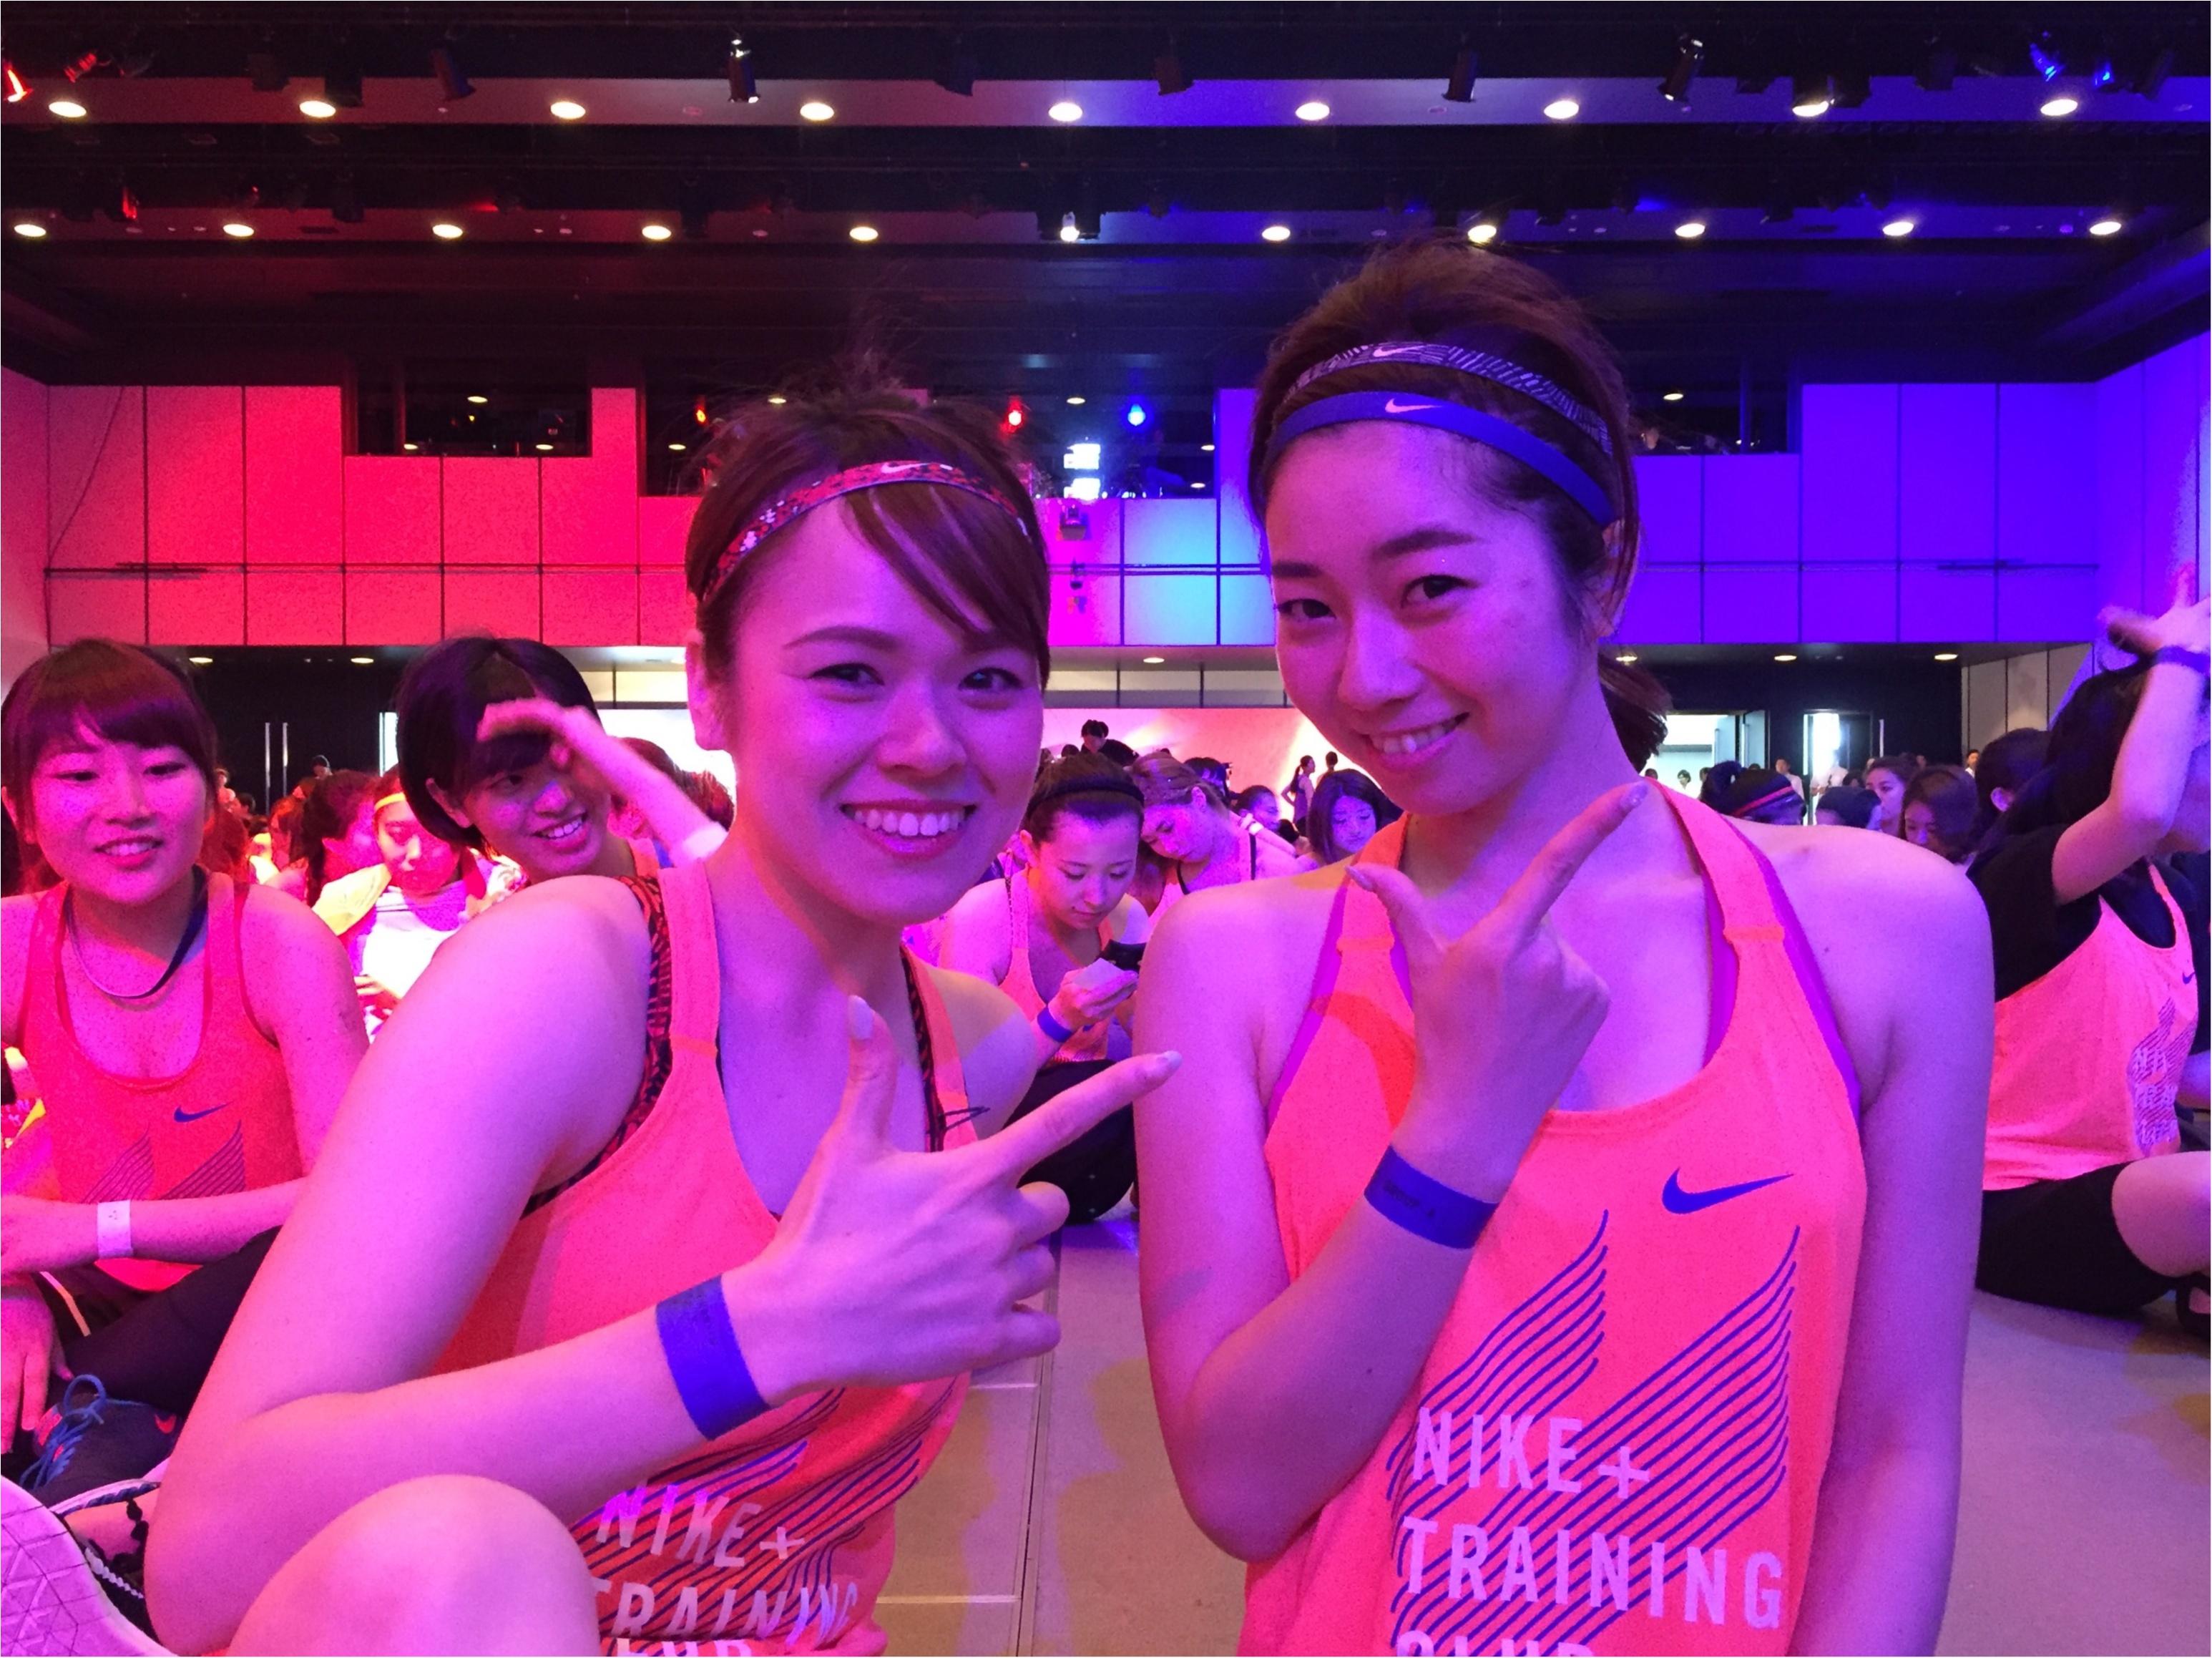 【申込みは明日まで】総勢2500人女性限定トレーニングイベントが開催!場所はなんと相撲の聖地!?_4